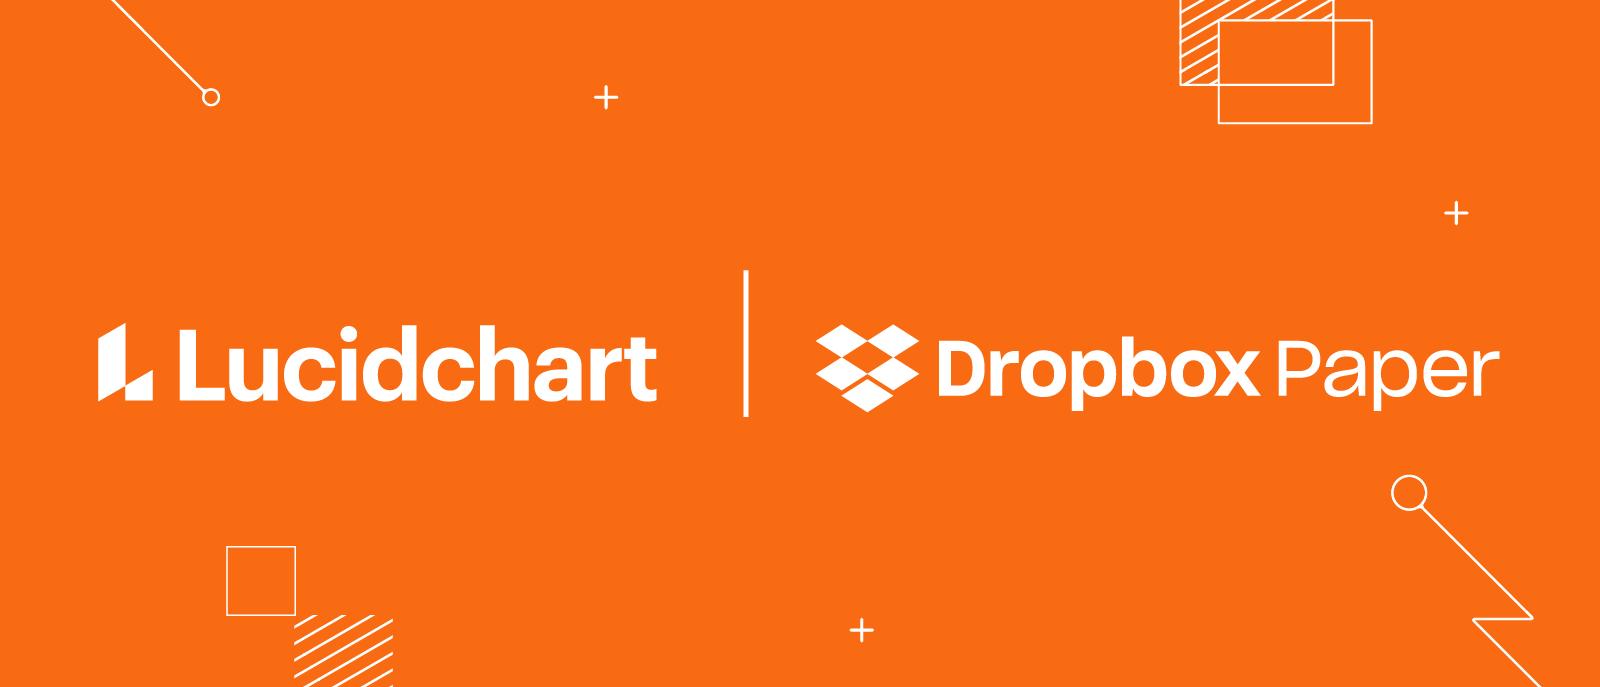 Lucidchart integration with Dropbox Paper